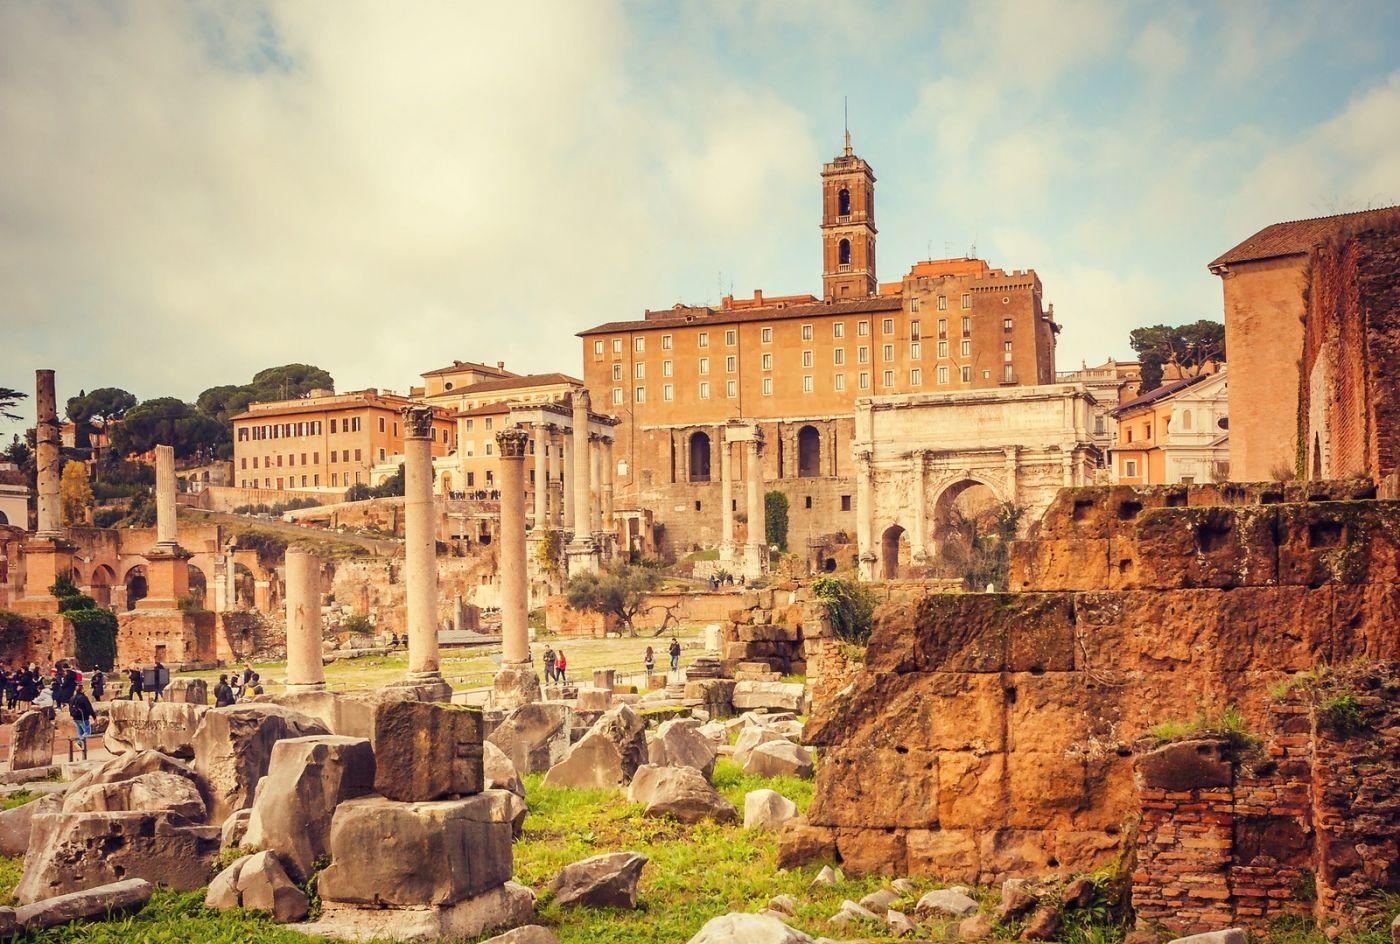 意大利罗马论坛,很敬佩_图1-37